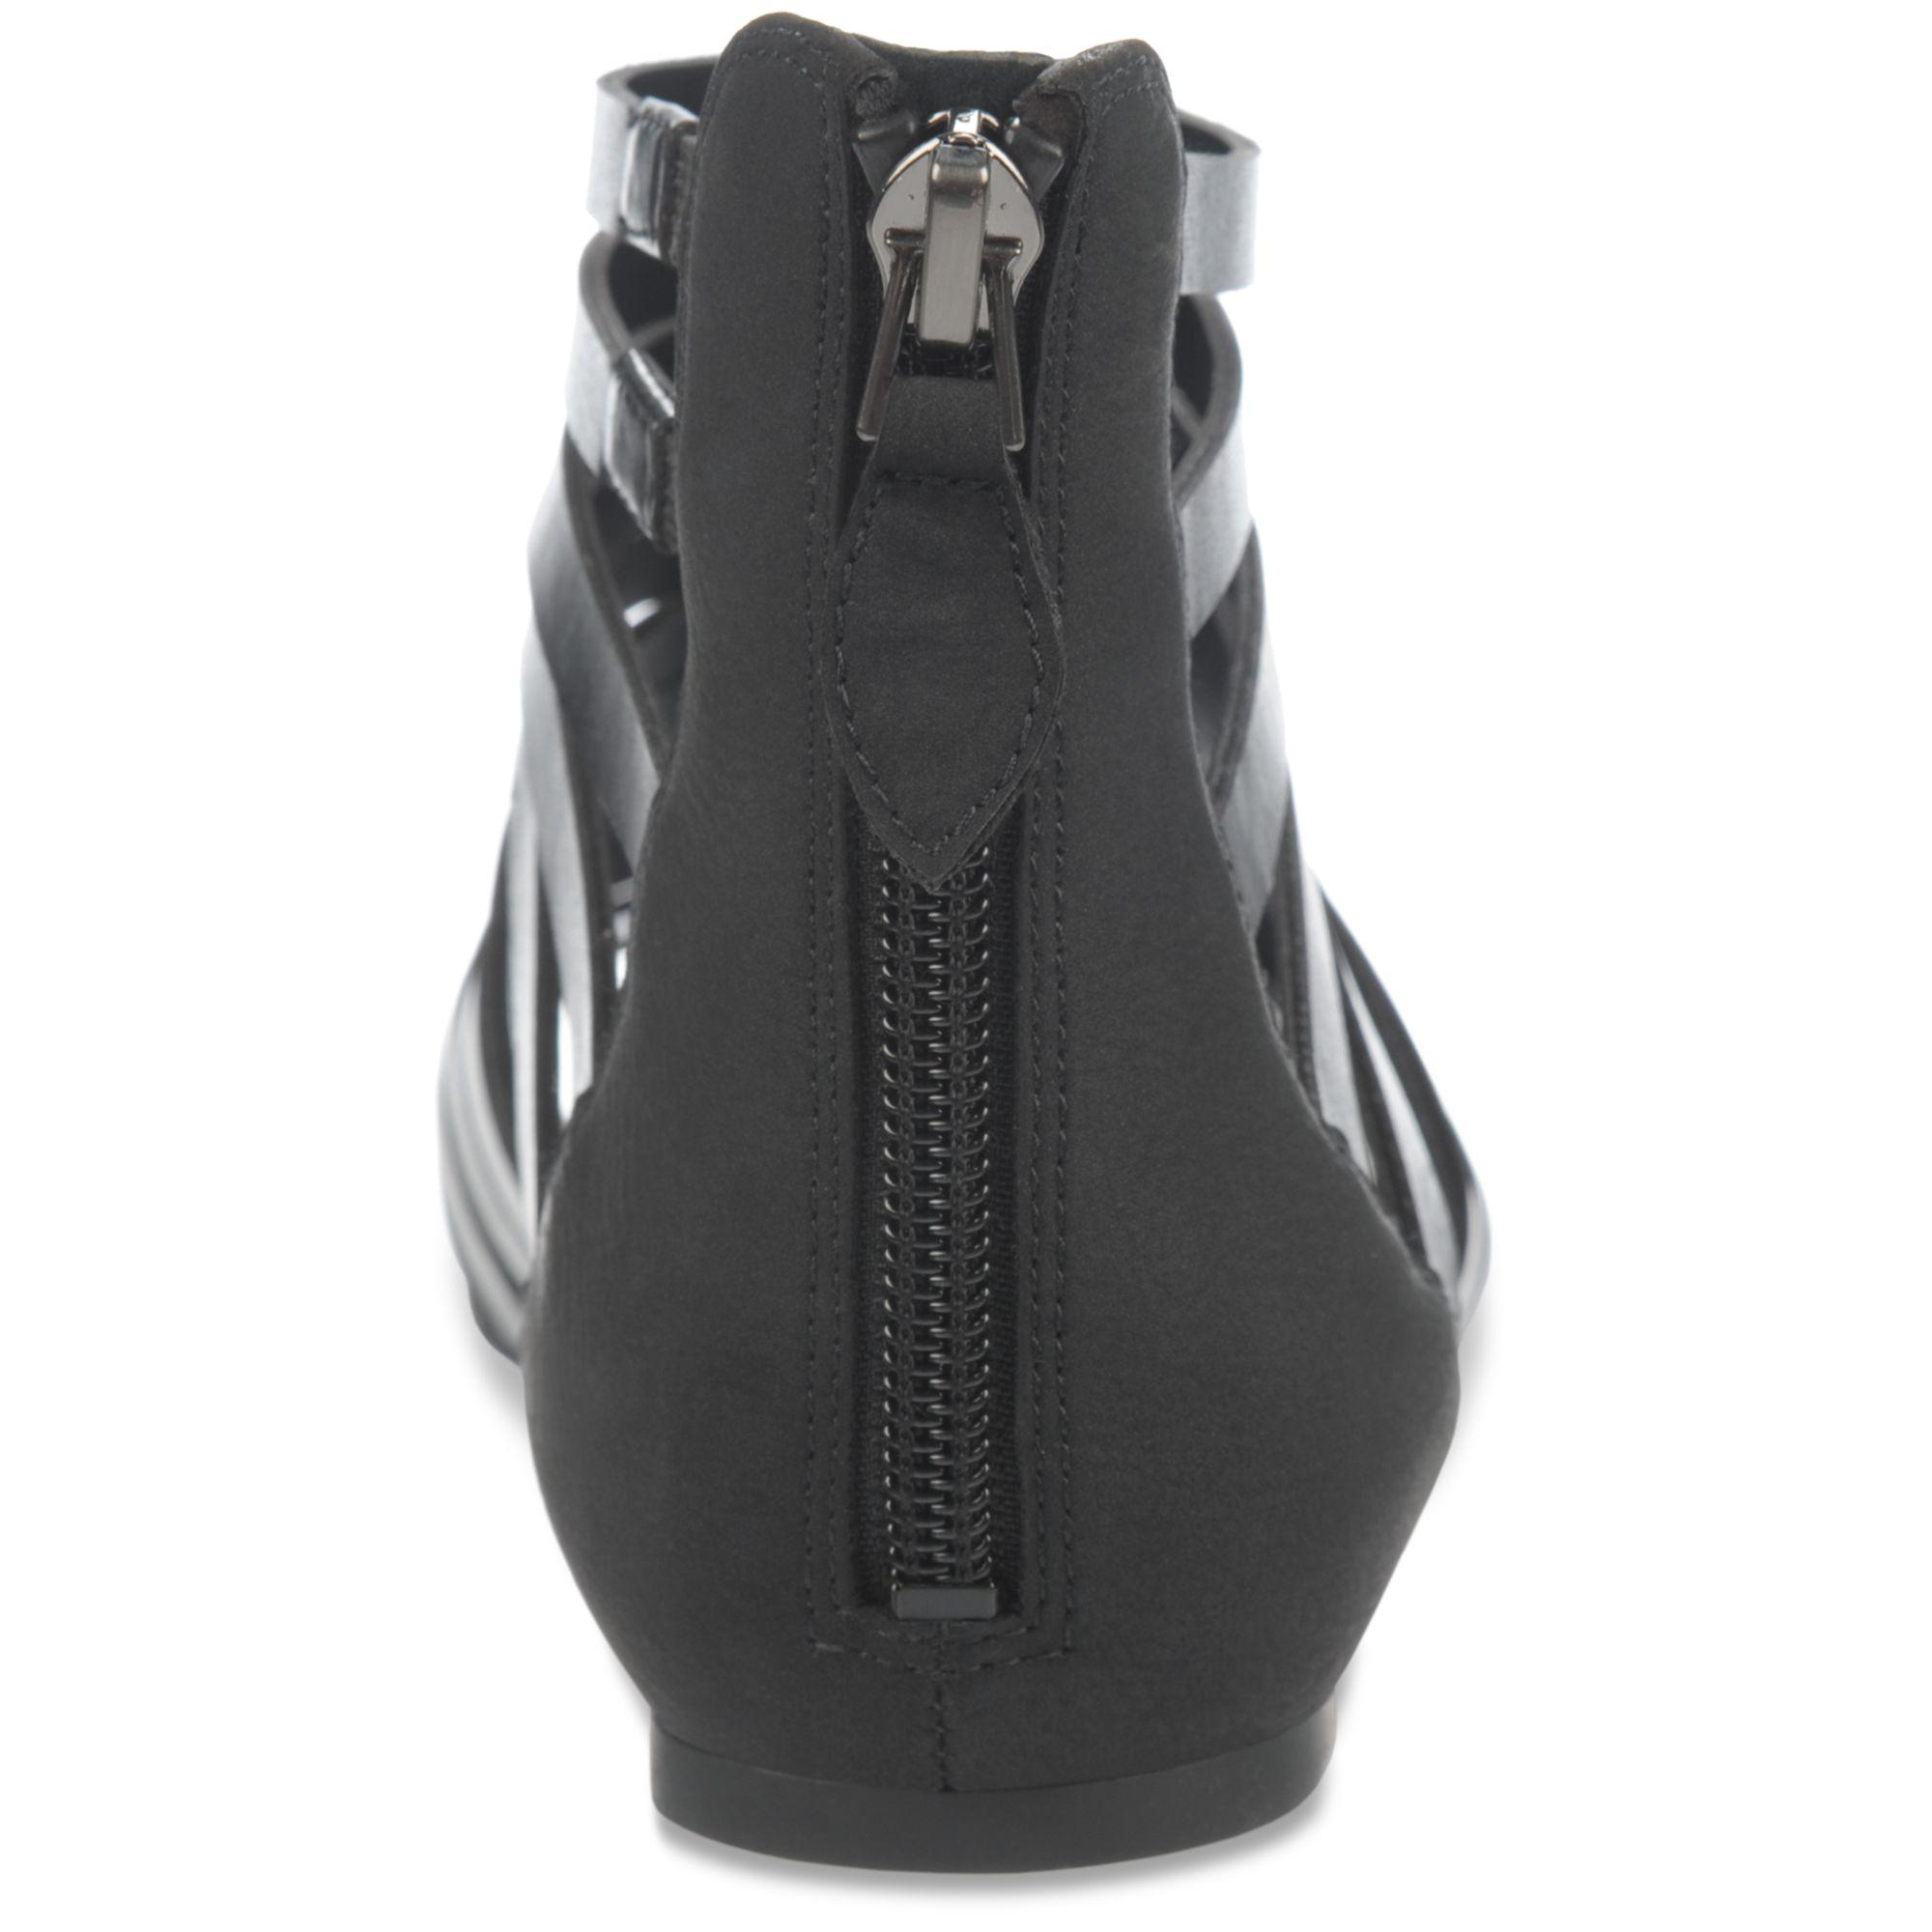 e8b06c4b3006 Lyst - Franco Sarto Atrium Gladiator Sandals in Black